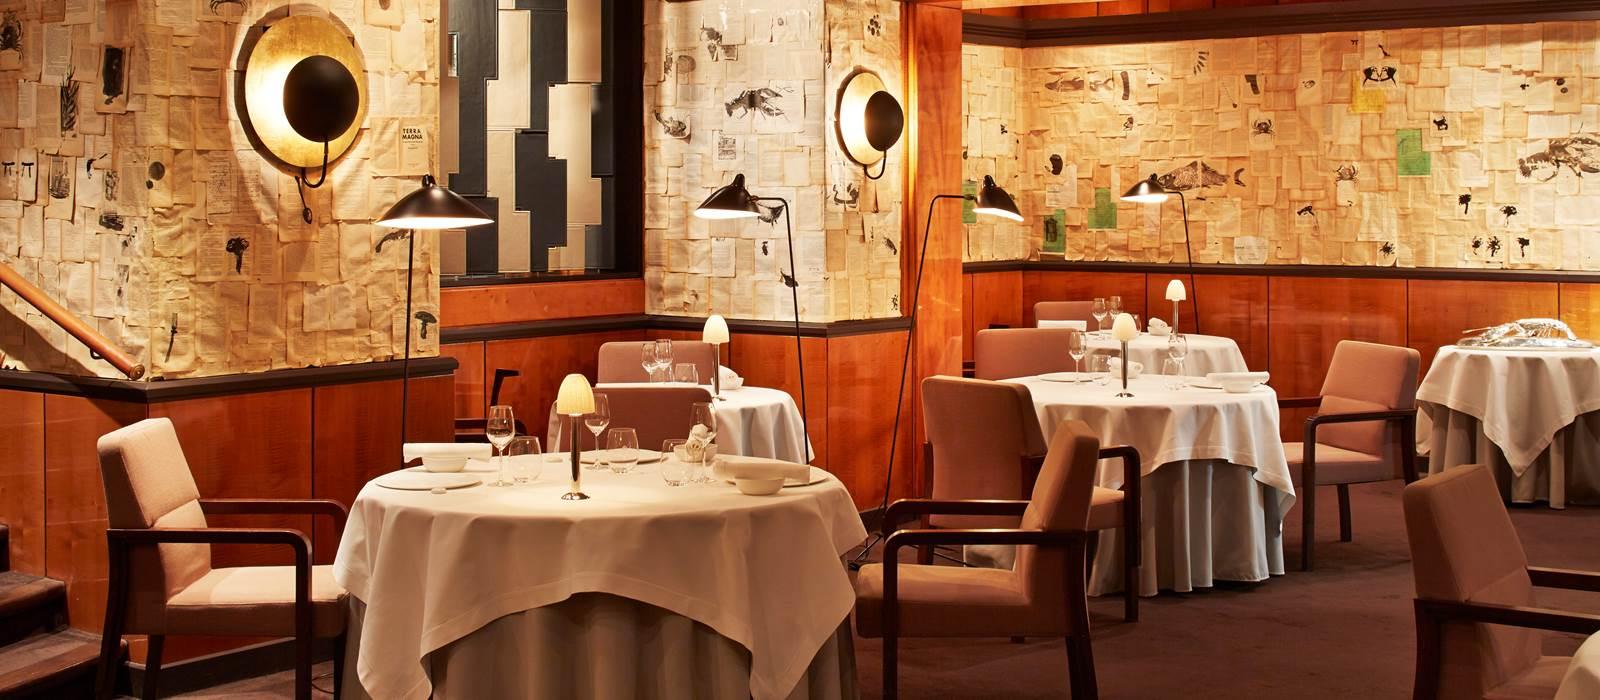 Restaurant  Etoiles Paris